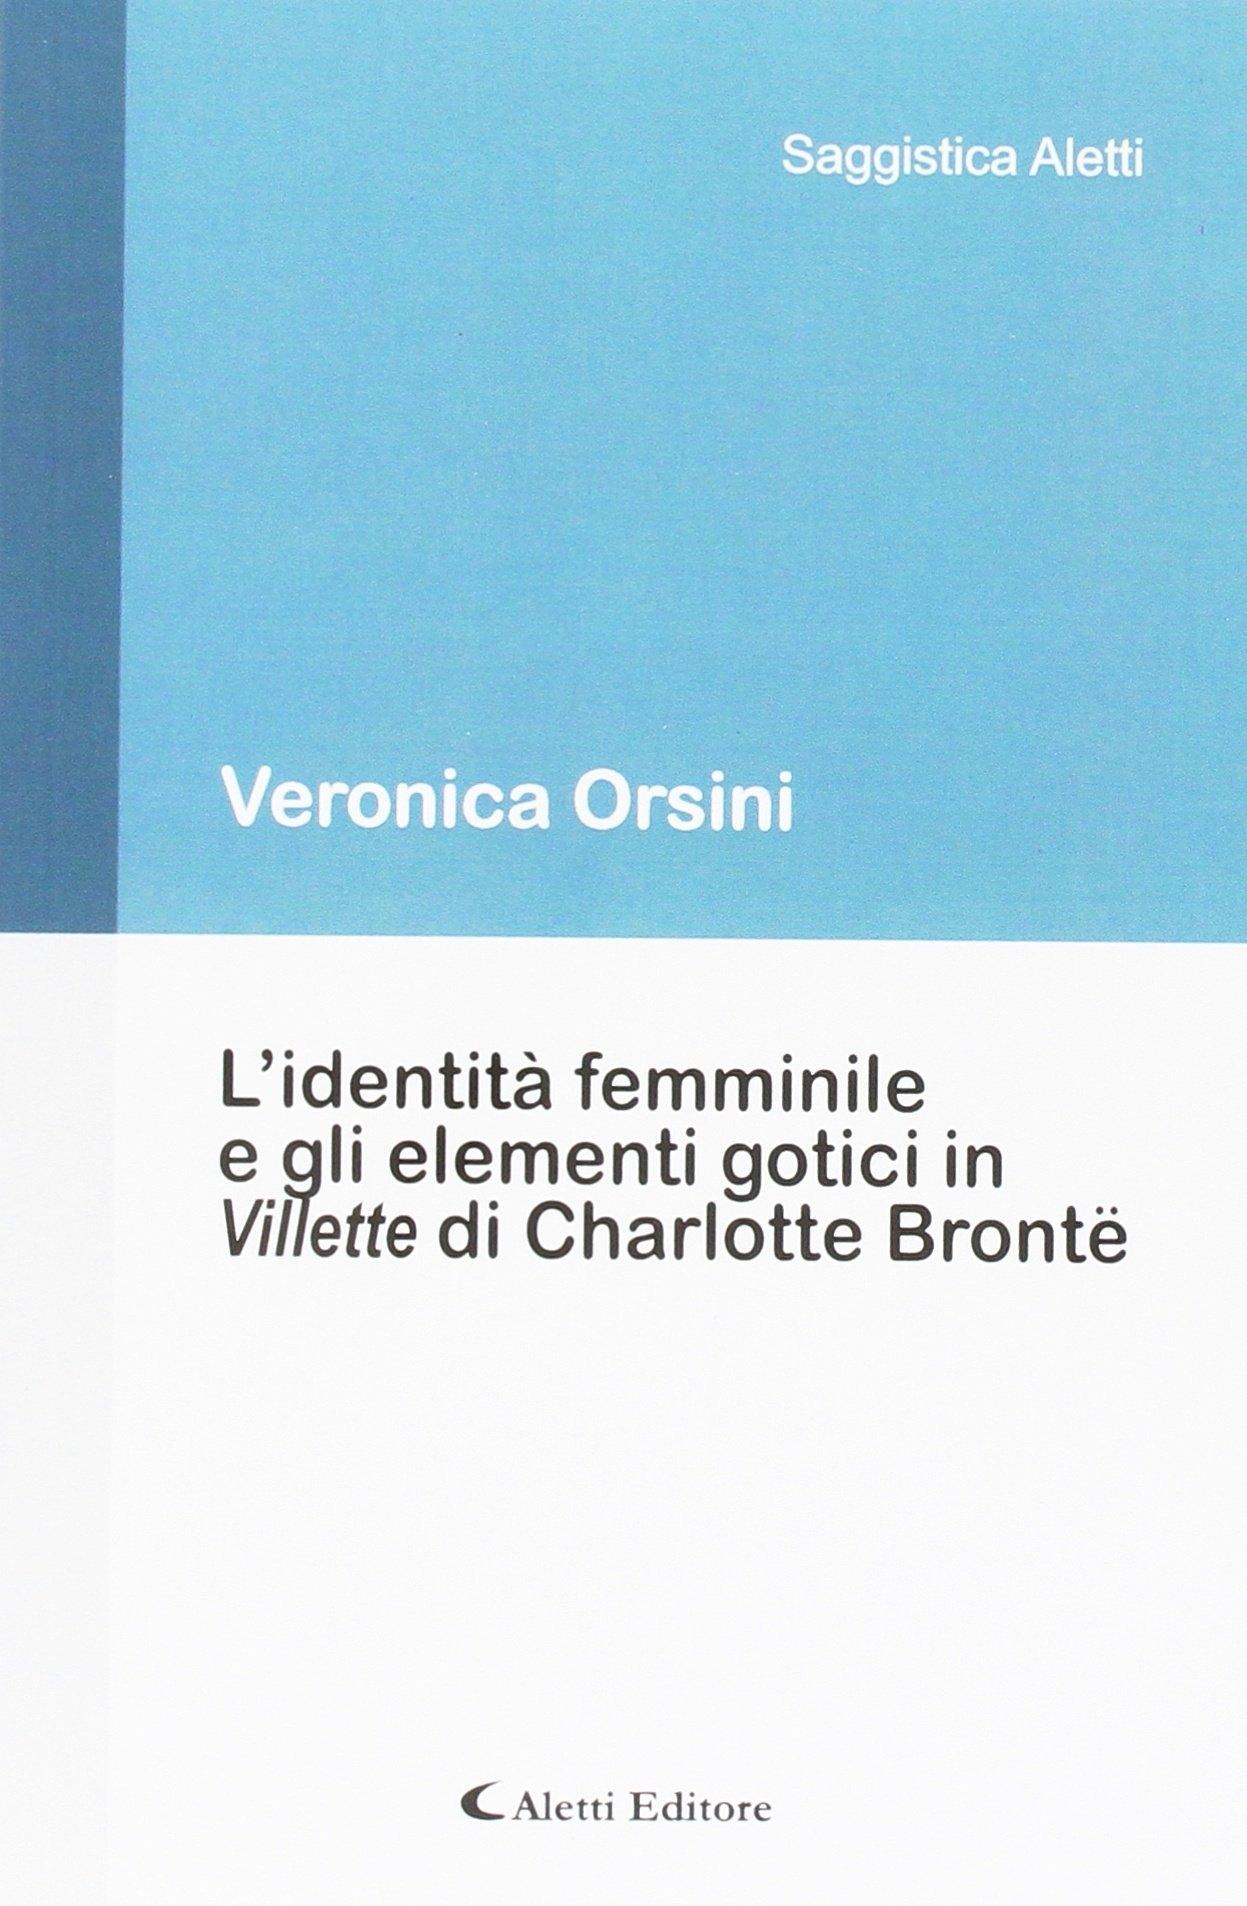 L'identità femminile e gli elementi gotici in Villette di Charlotte Brontë